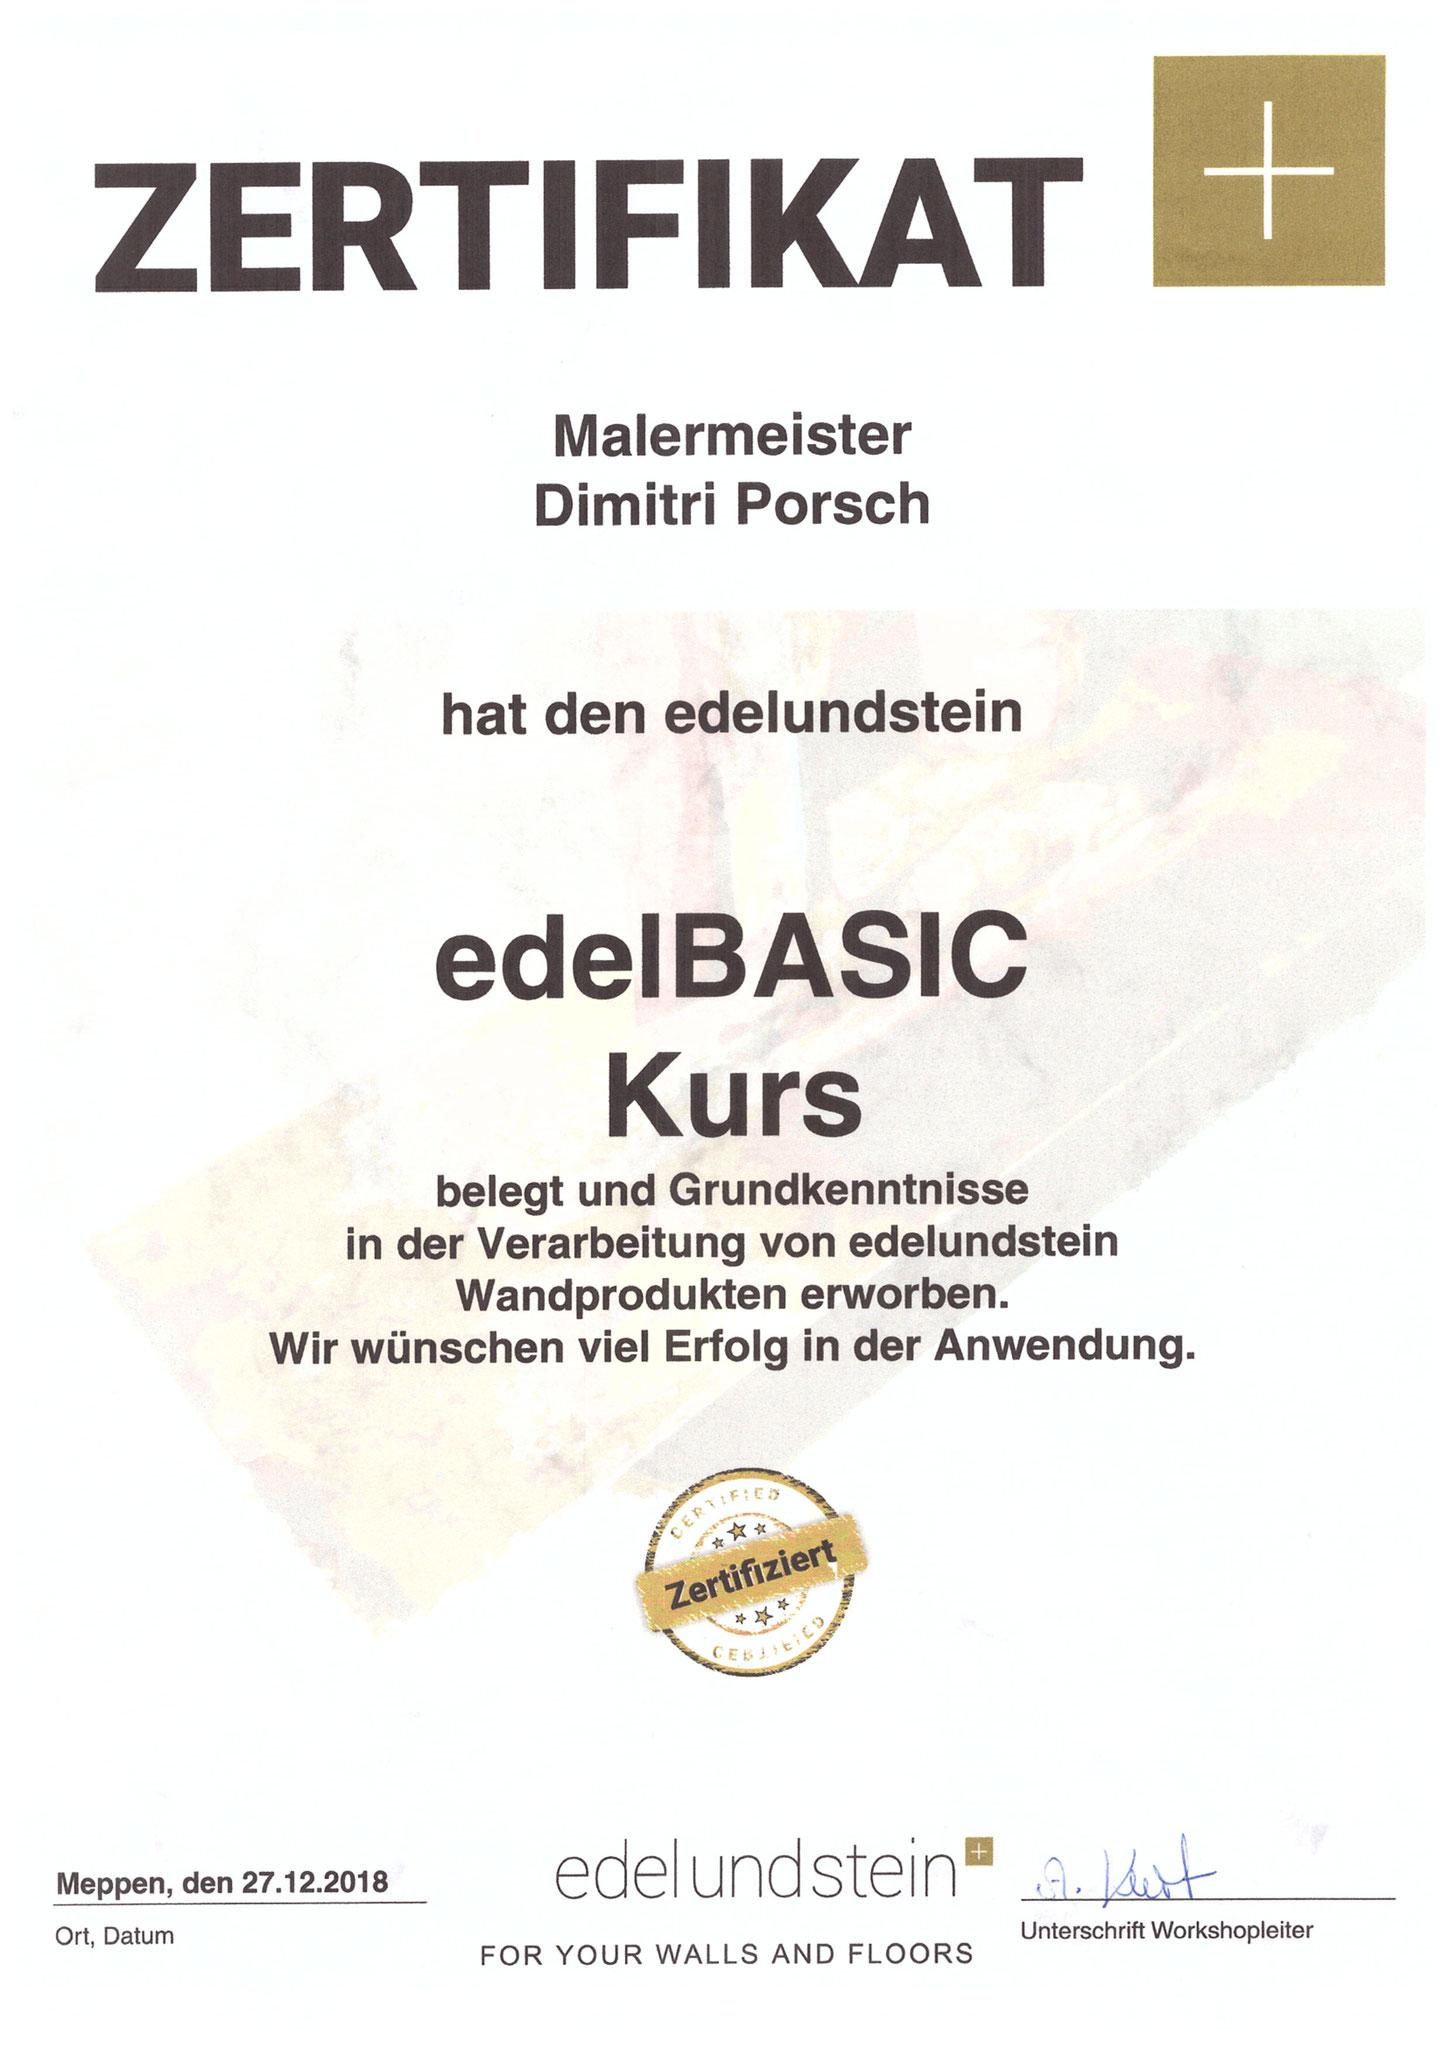 edelBASIC-Kurs, zertifiziert